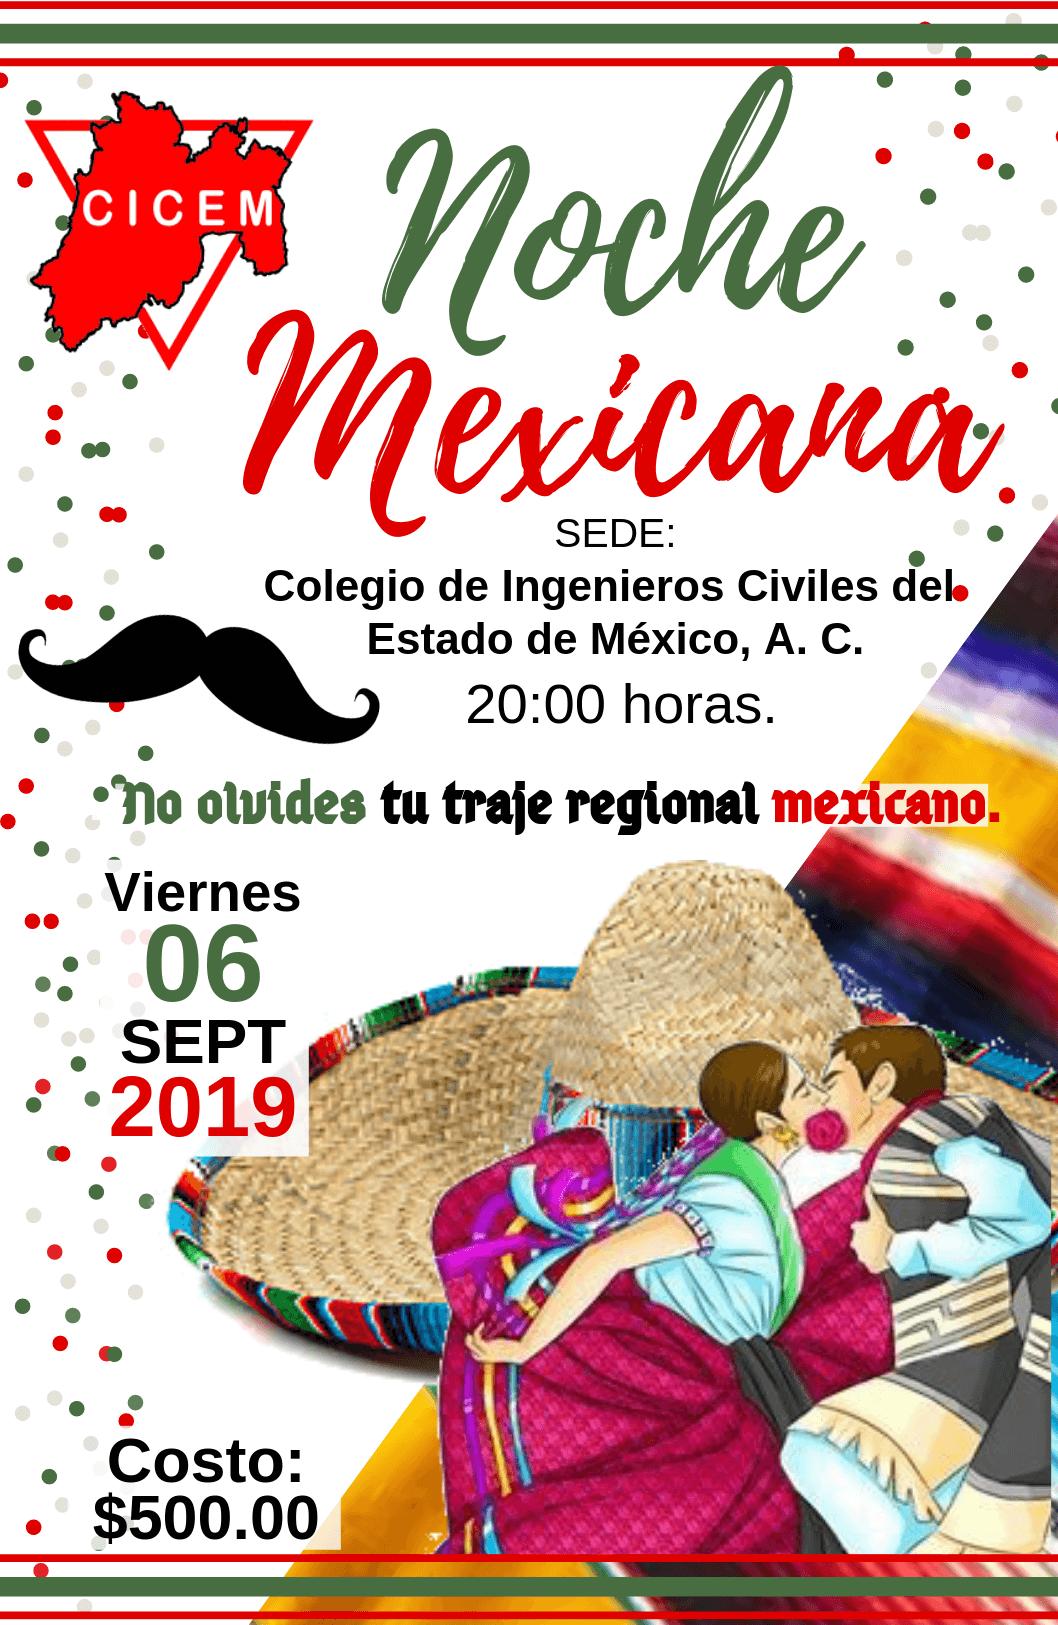 NOCHE MEXICANA MAIL (1)